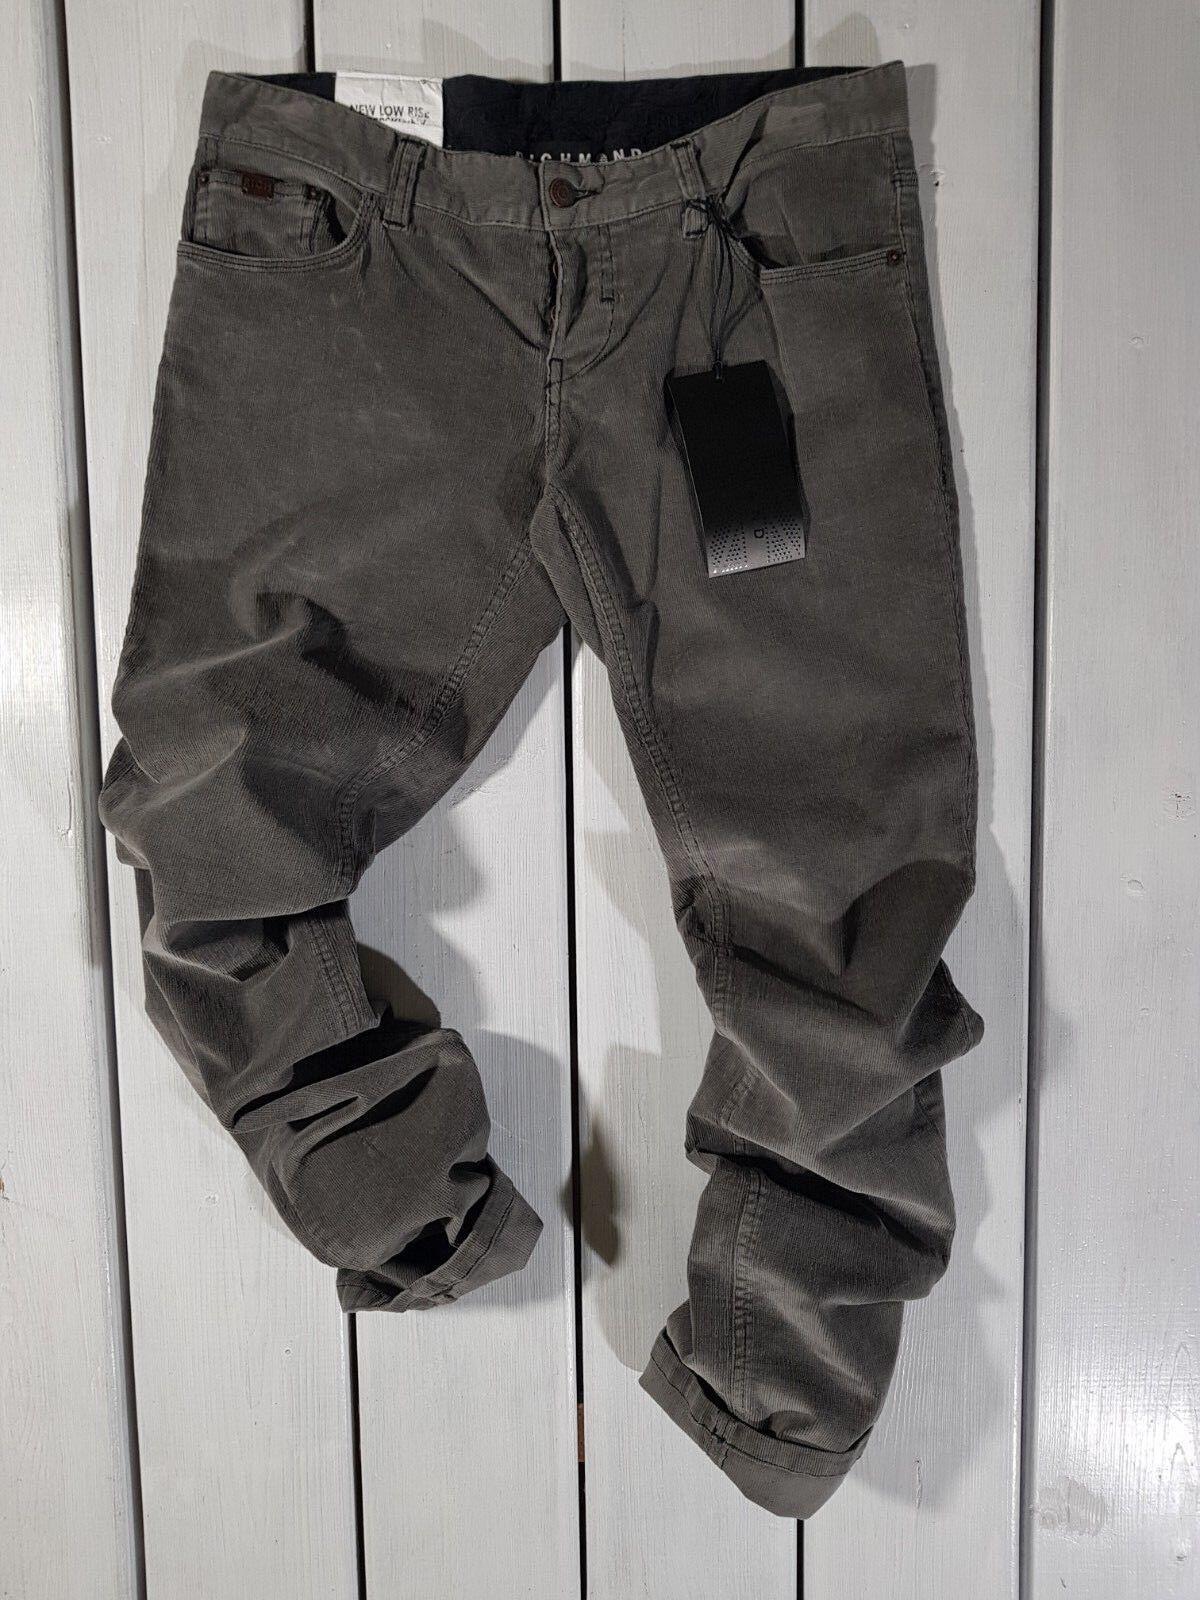 Neu Richmond Denim HERREN Jeans W32 Niedrig Sitzende Super Enge Grauer samt Hose